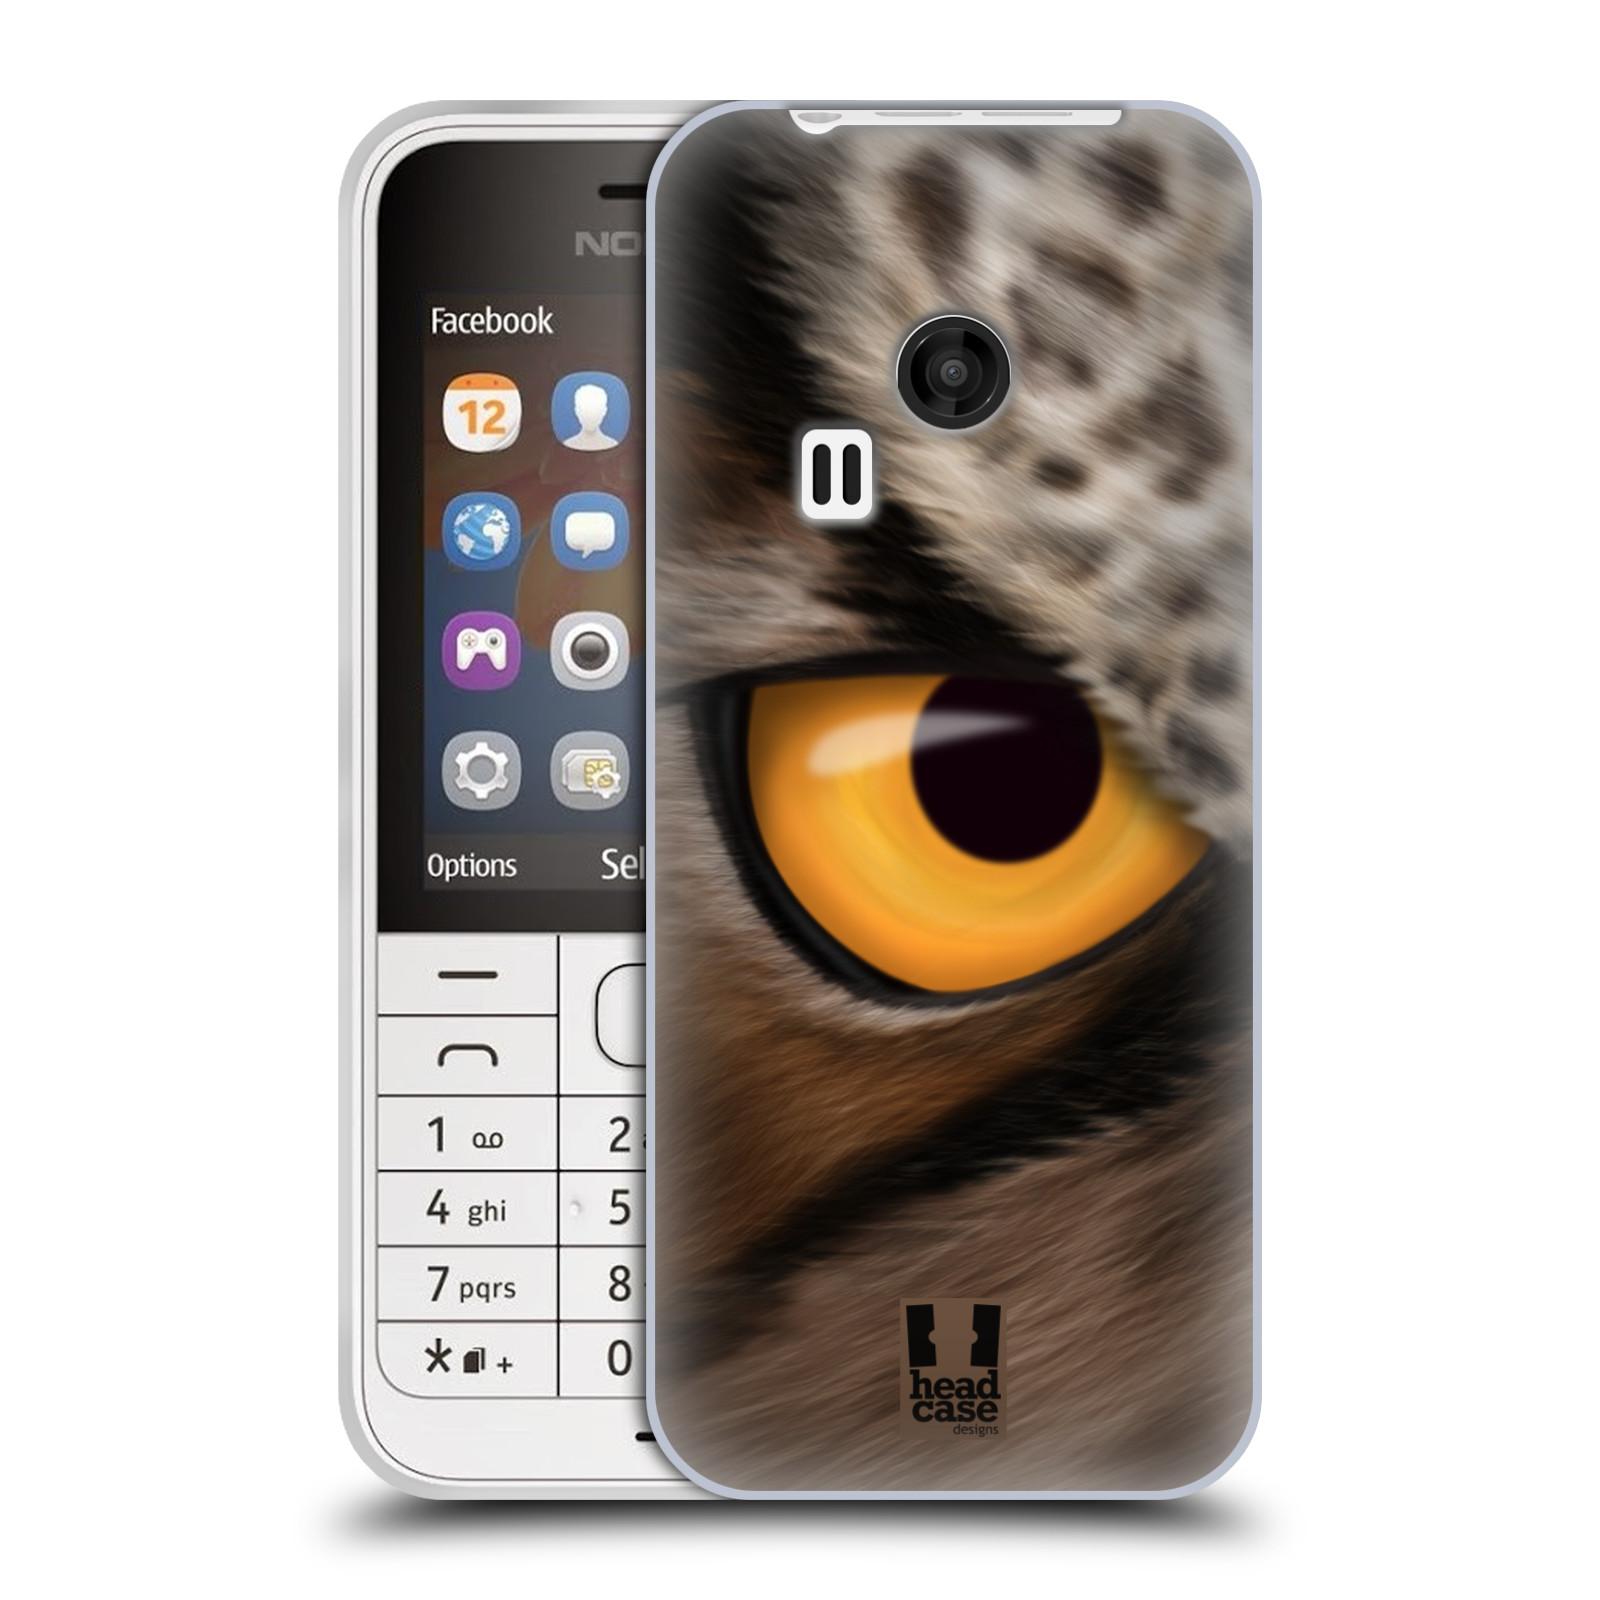 HEAD CASE silikonový obal na mobil NOKIA 220 / NOKIA 220 DUAL SIM vzor pohled zvířete oko sova